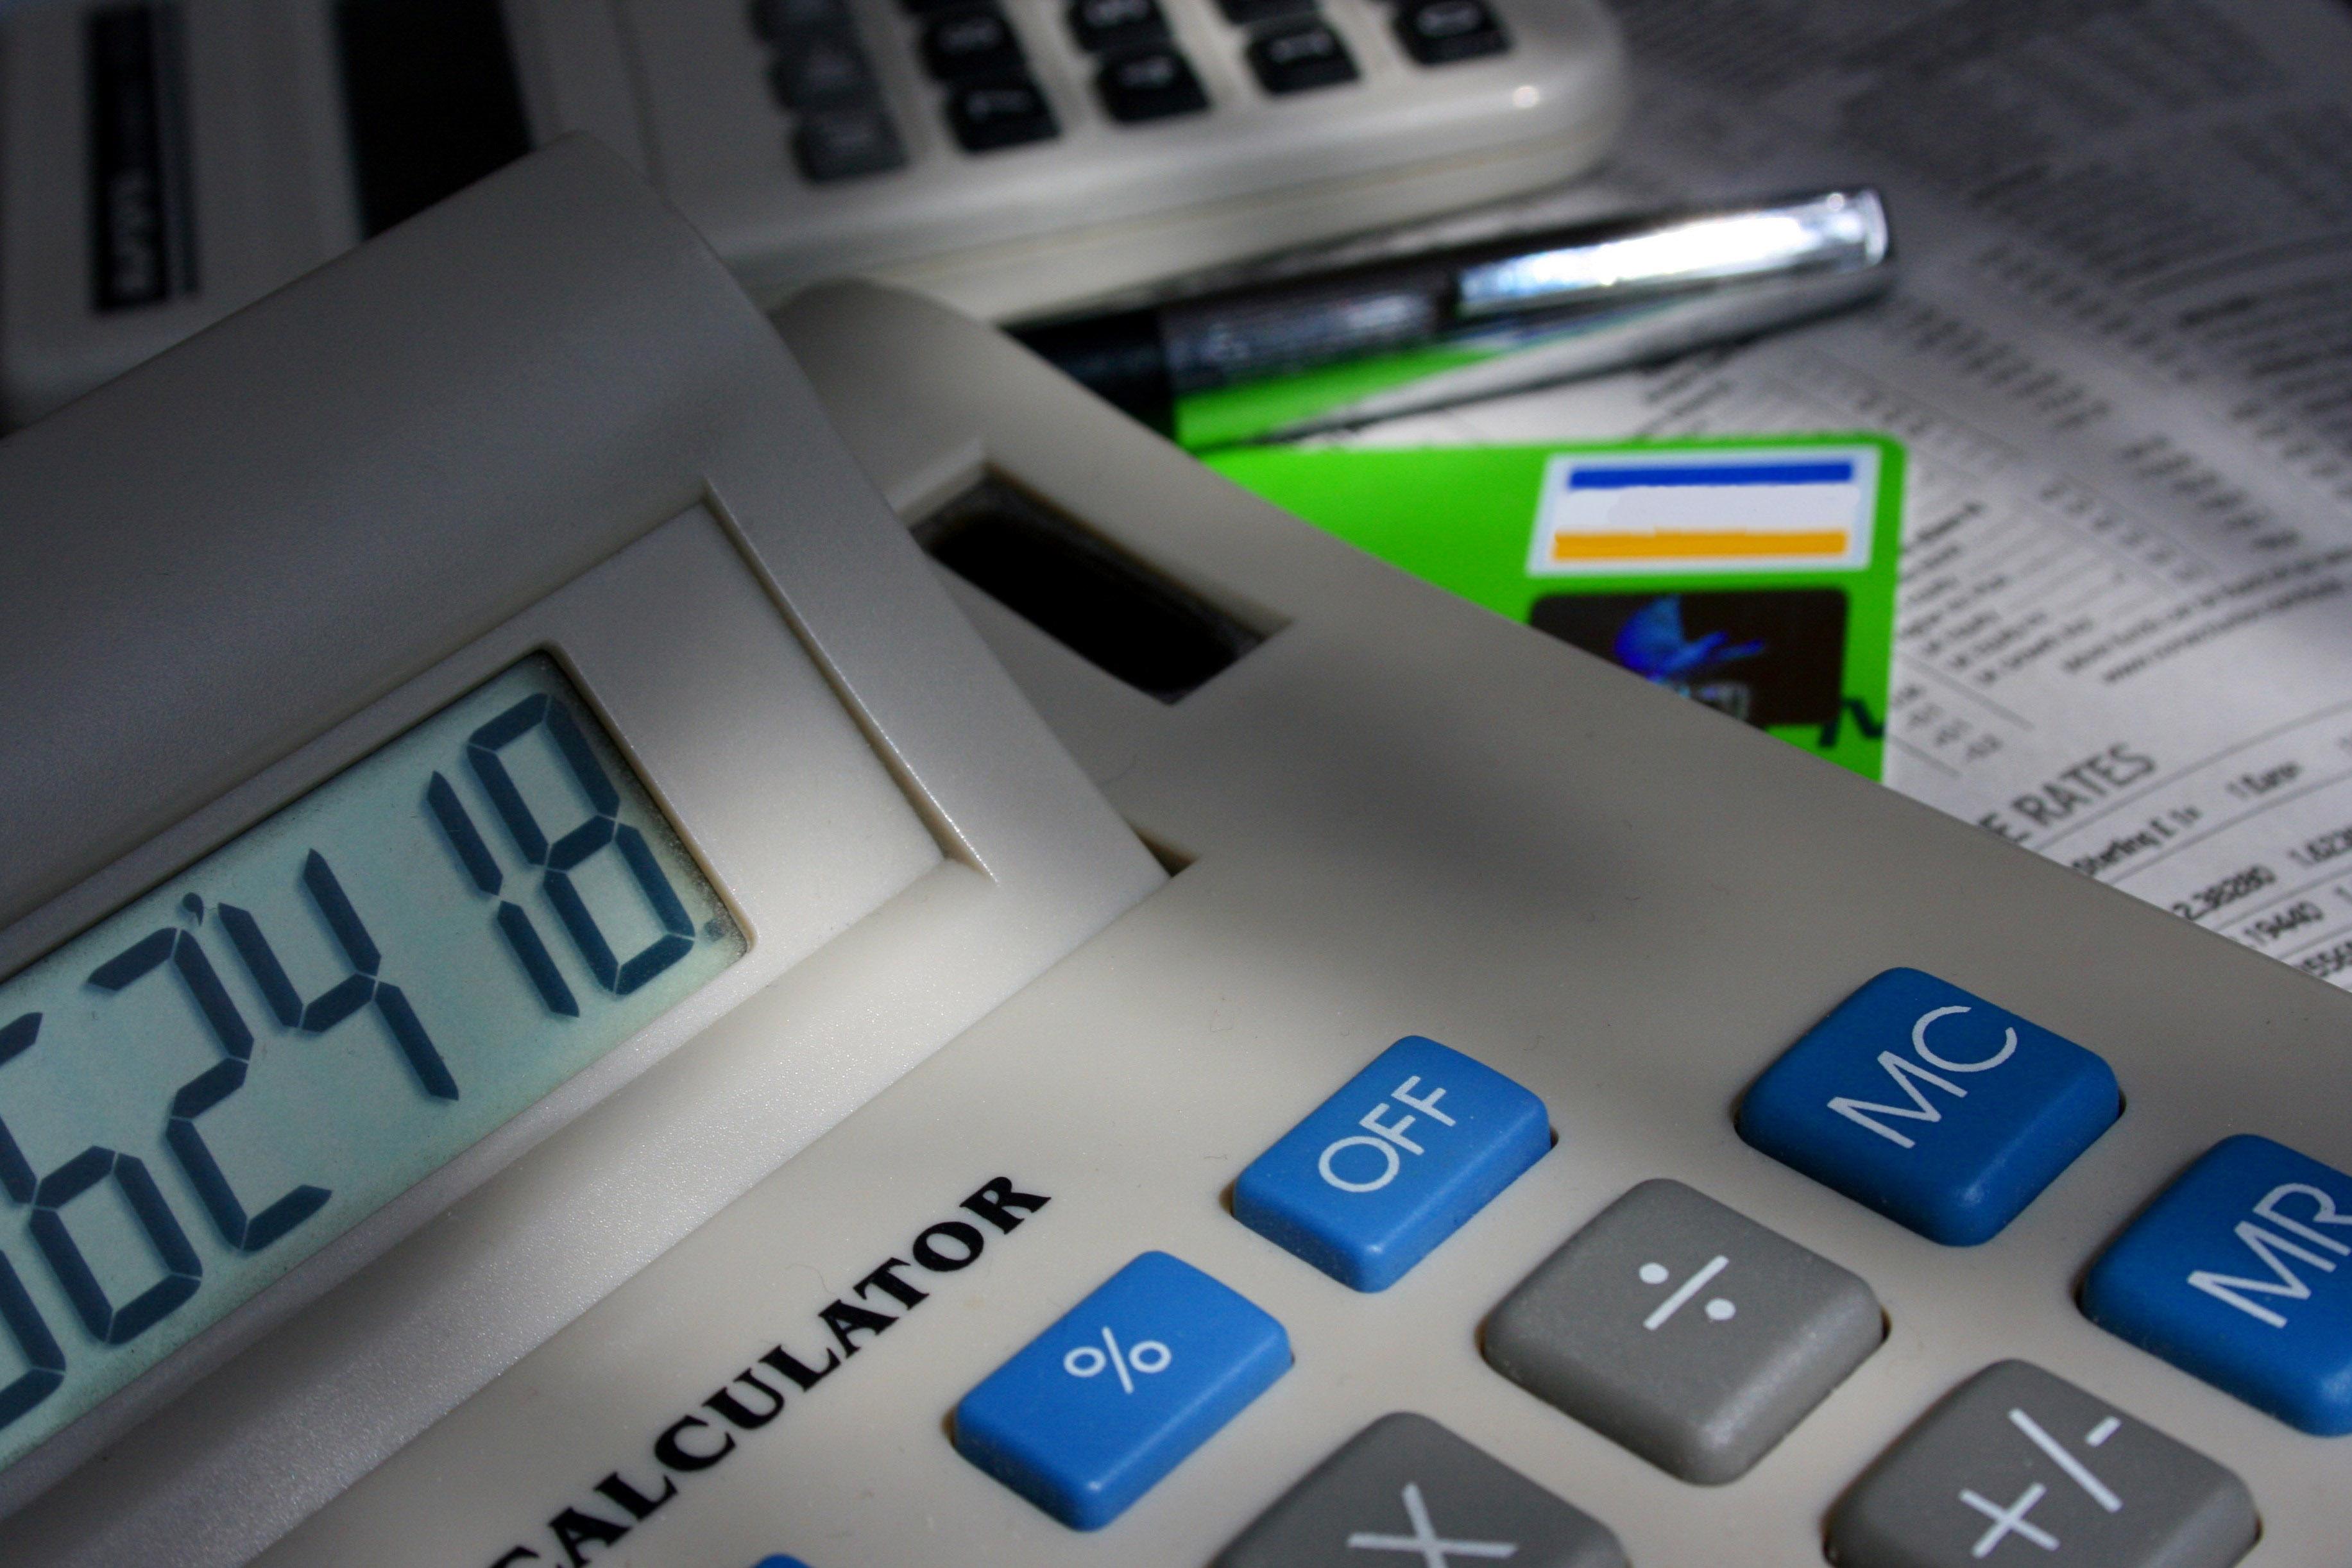 Splácíte úvěr na bydlení? Nezapomeňte si zaplacené úroky odečíst z daní